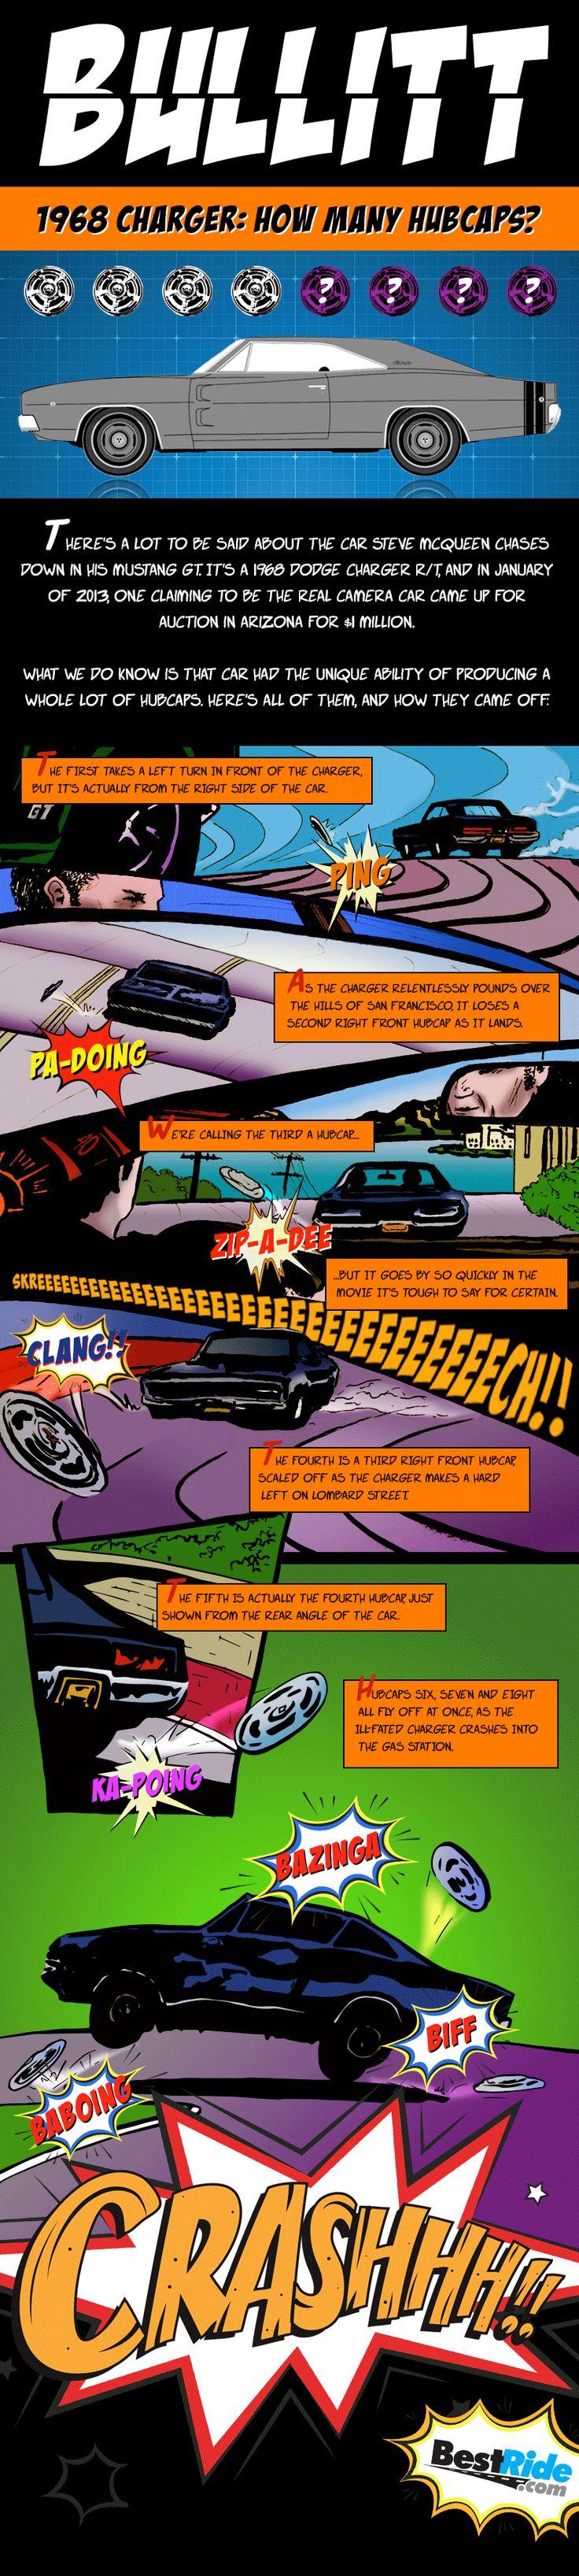 BULLITT … Where Are All These Hubcaps Coming From?!?!  #Bullitt #SteveMcQueen #DodgeCharger #Infographic #Hubcap